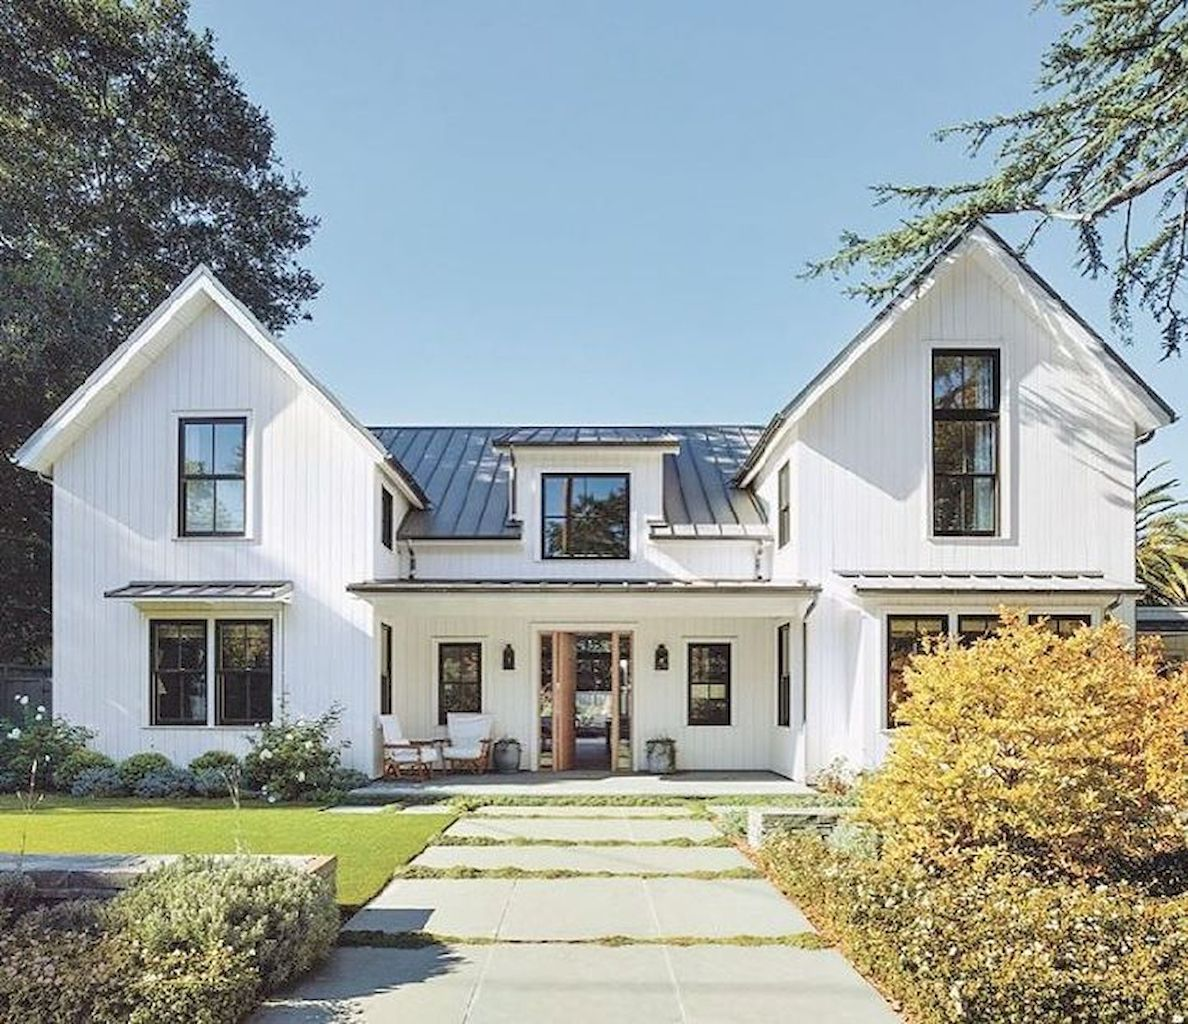 90 Incredible Modern Farmhouse Exterior Design Ideas 66